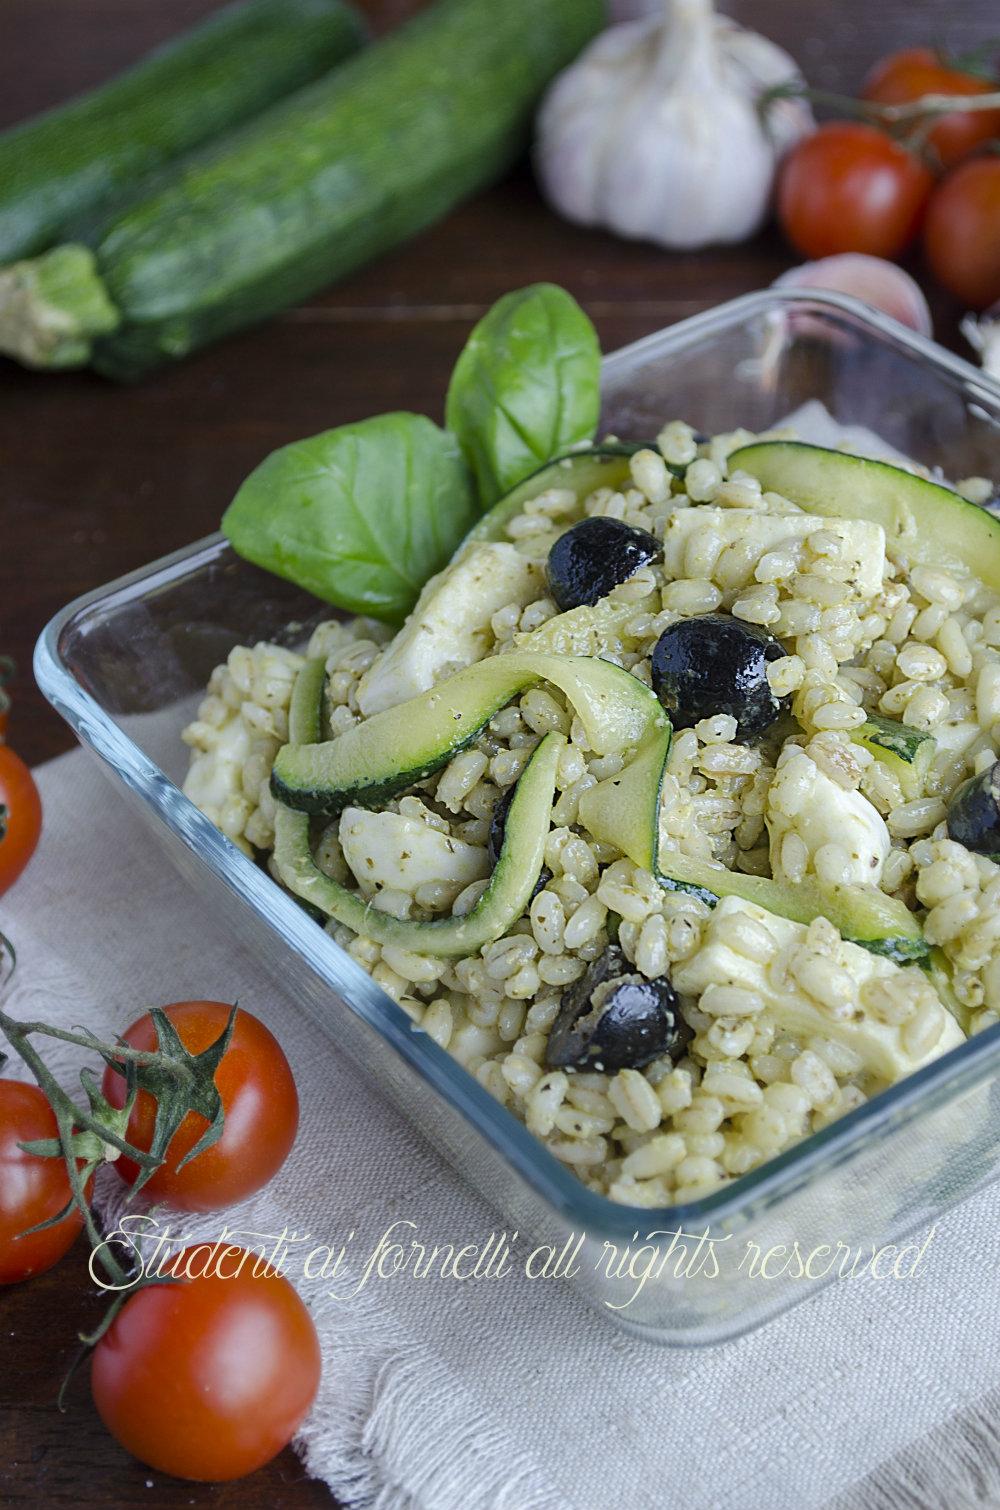 insalata di orzo fredda orzo-freddo-al-pesto-con-zucchine-e-mozzarella-ricetta-primo-freddo-estivo-vegetariano-ricetta